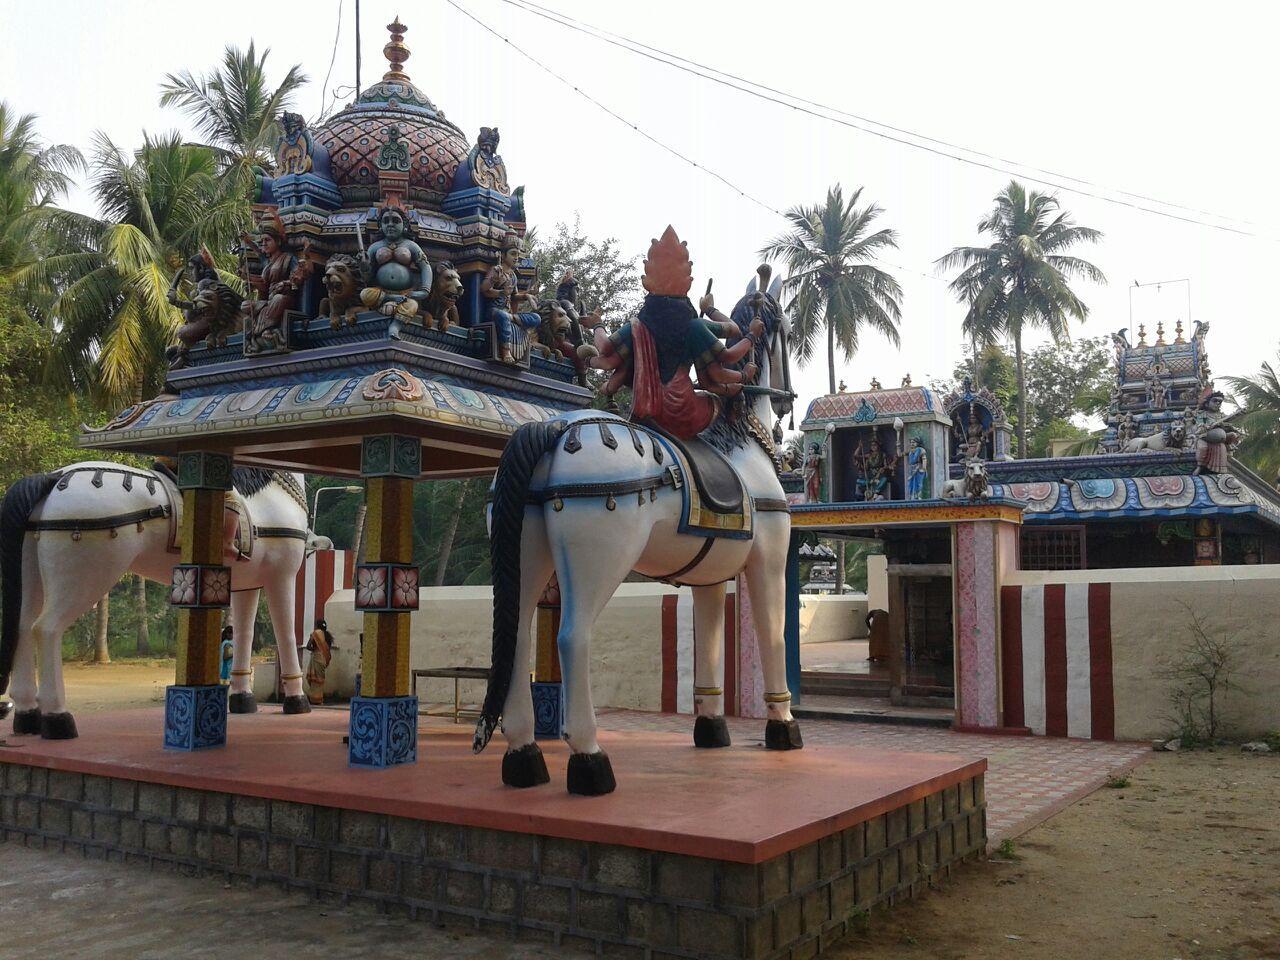 மலையாளச் சாமி கோயில்